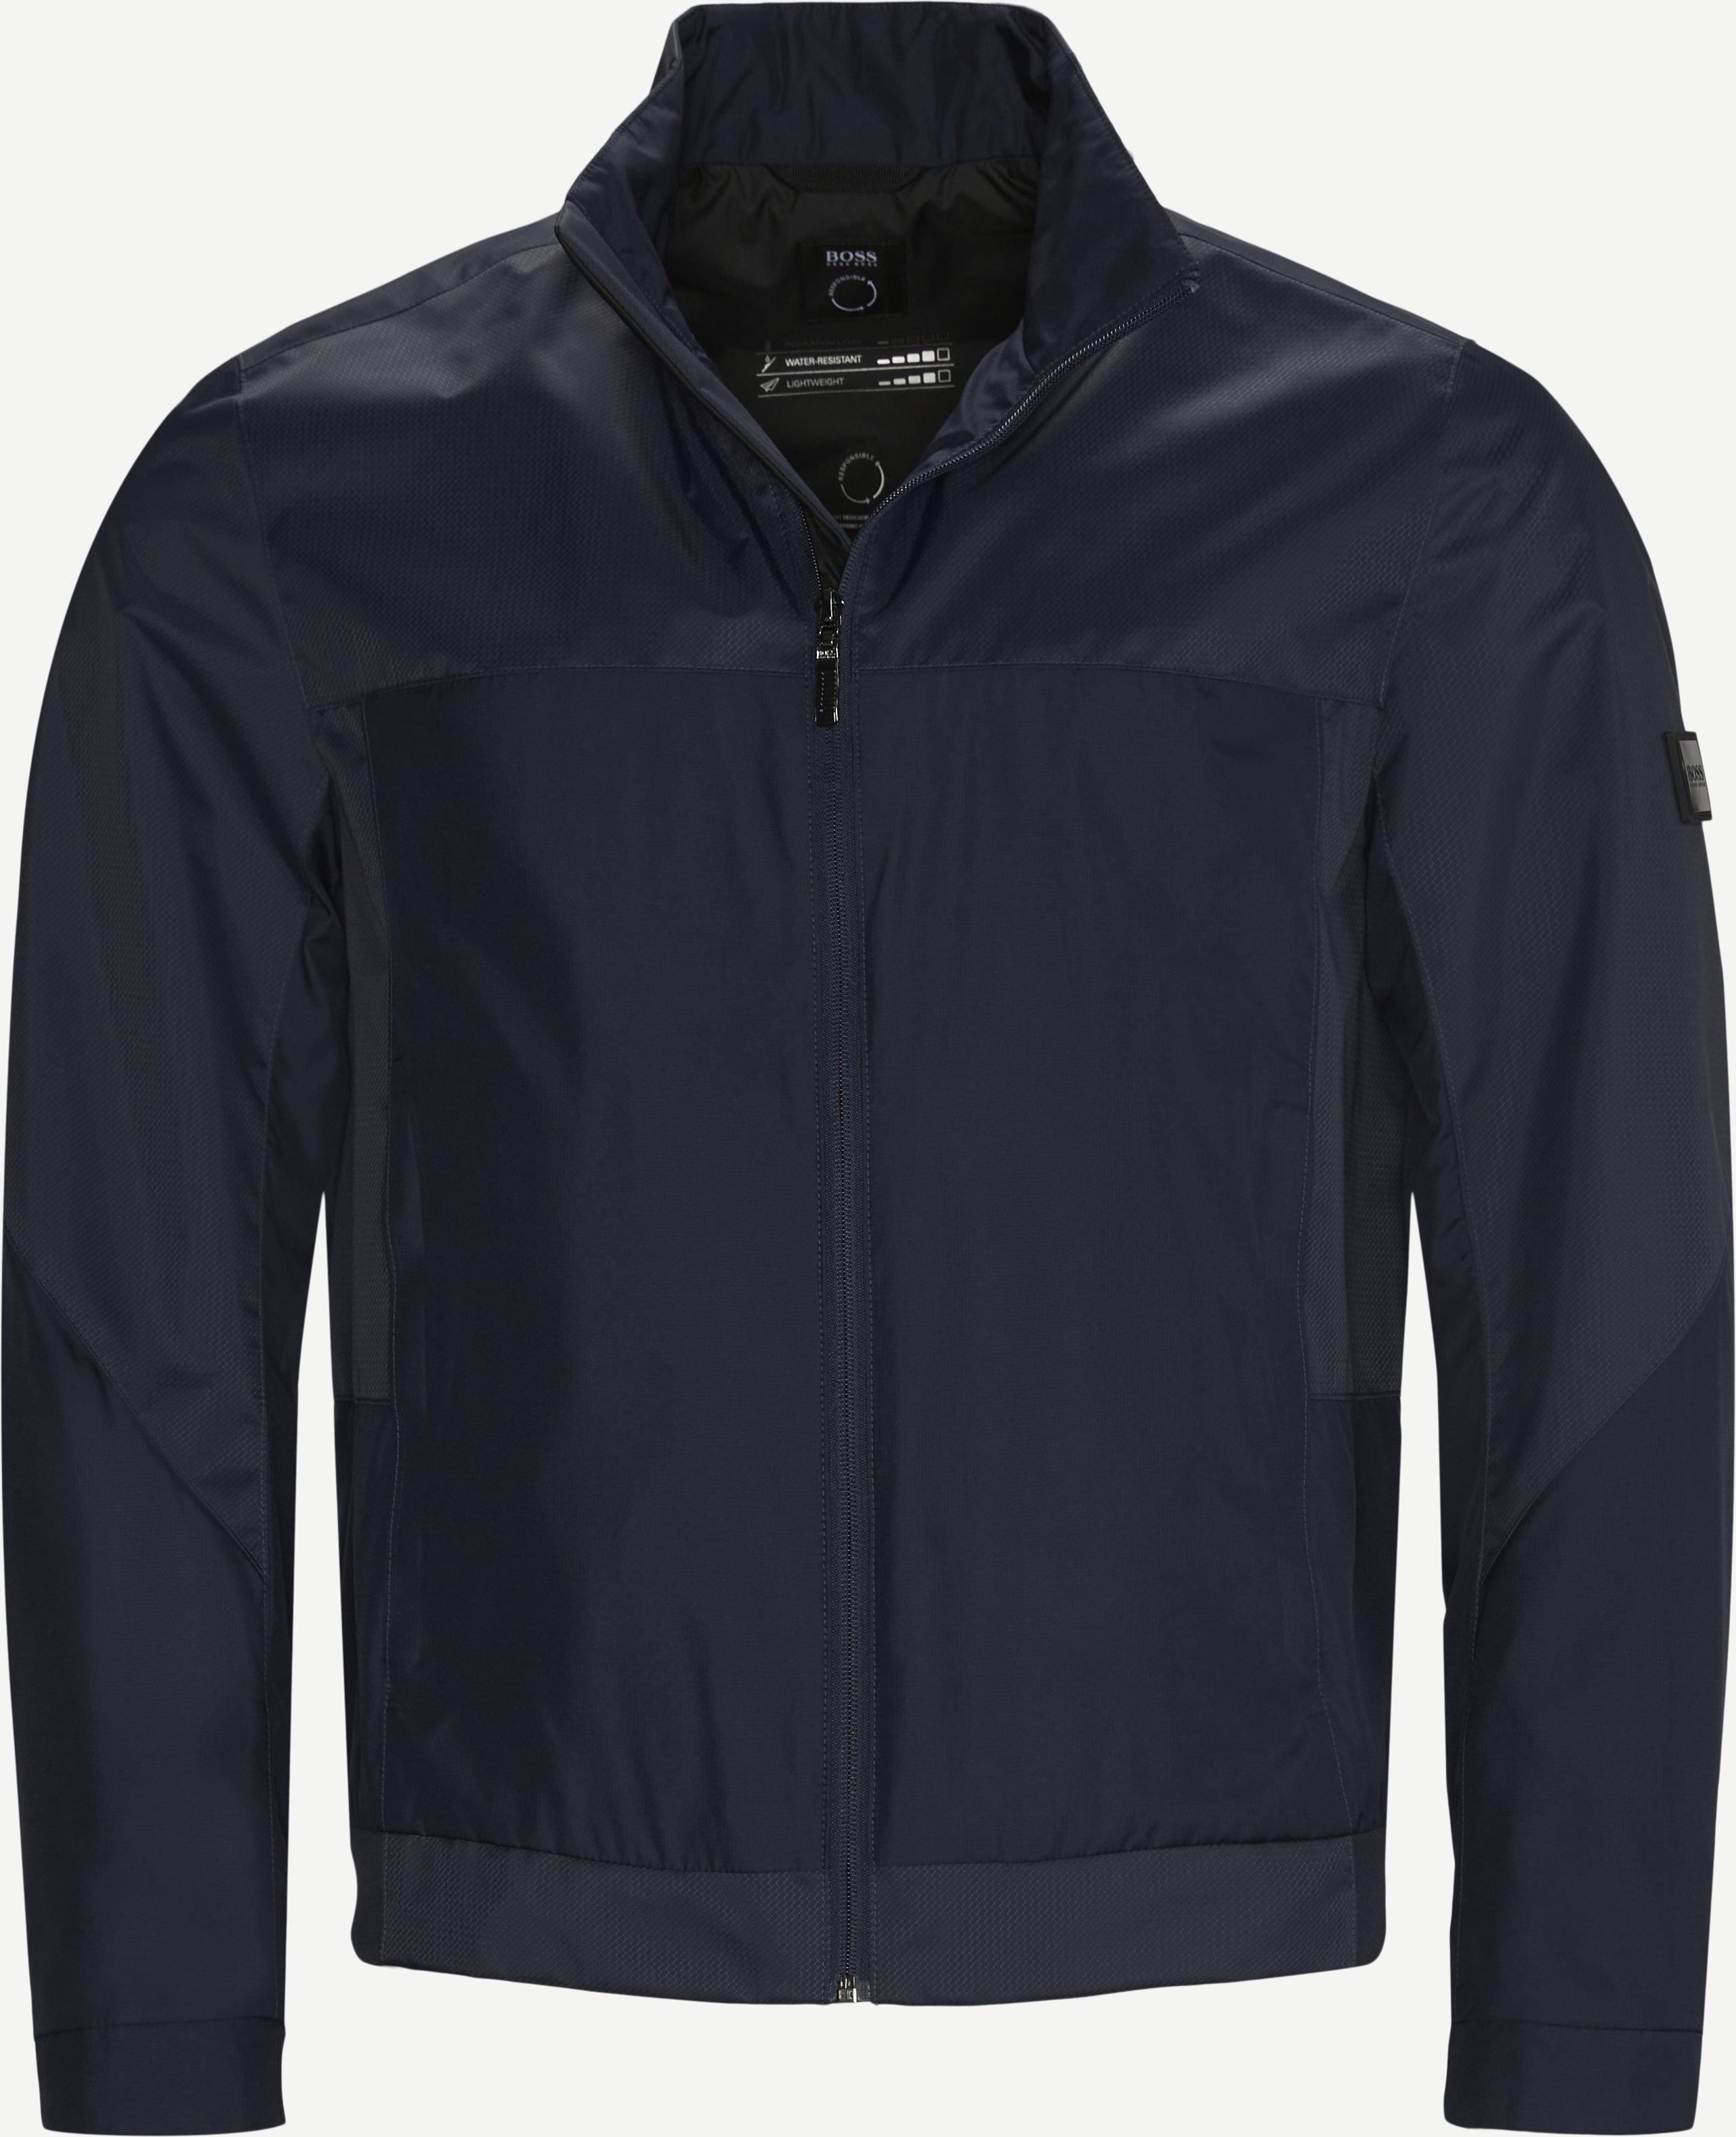 Zircon Jakke - Jackets - Regular - Blue